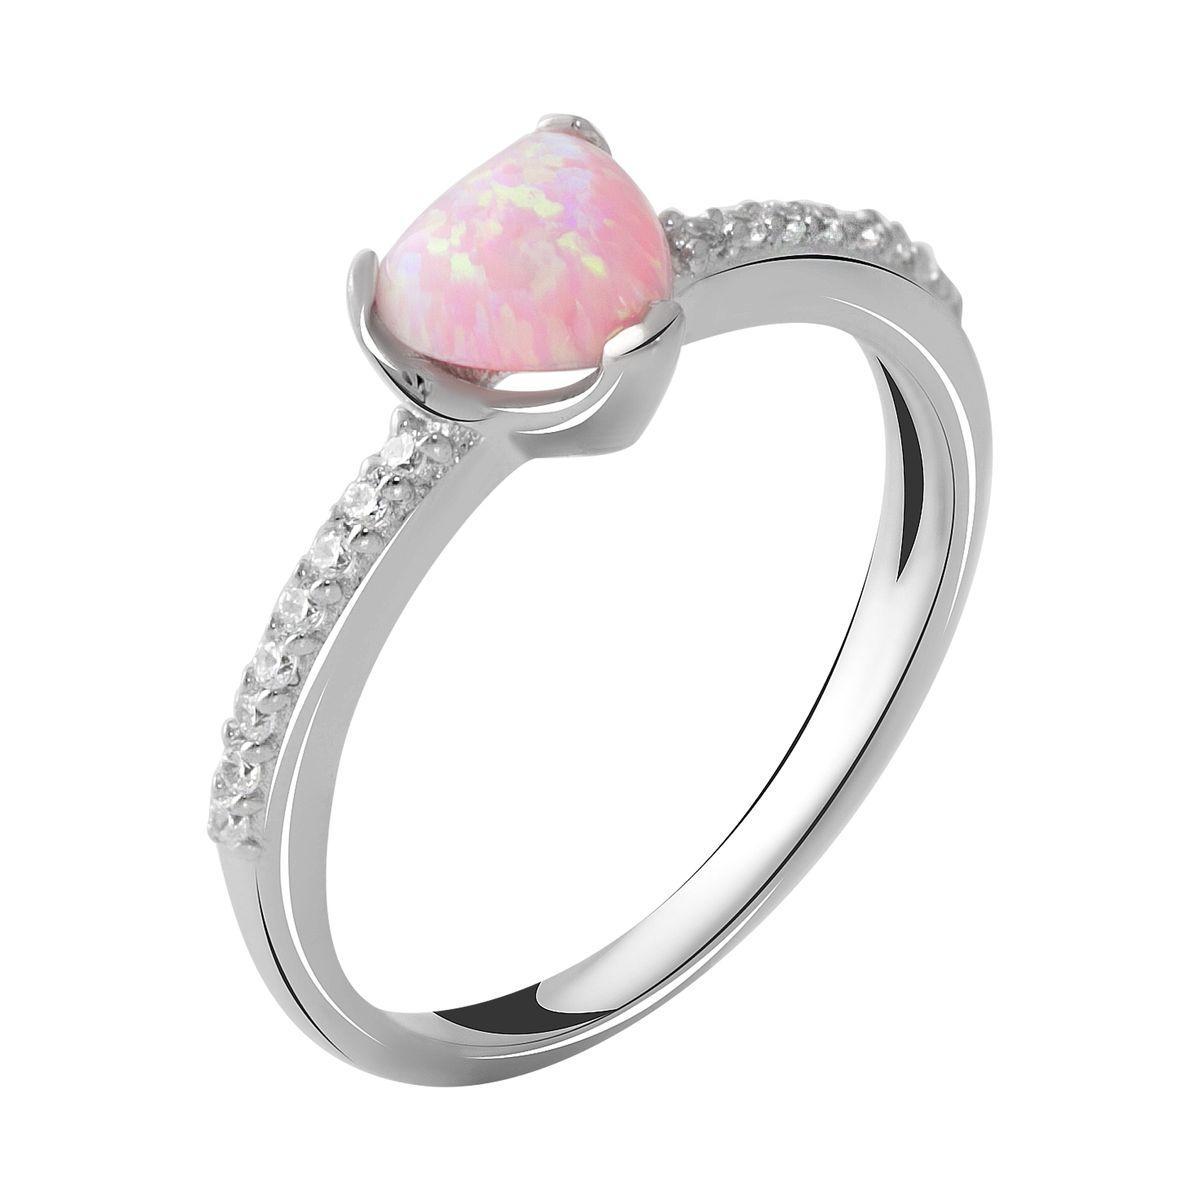 Серебряное кольцо DreamJewelry с опалом 0.55ct (2044970) 18 размер